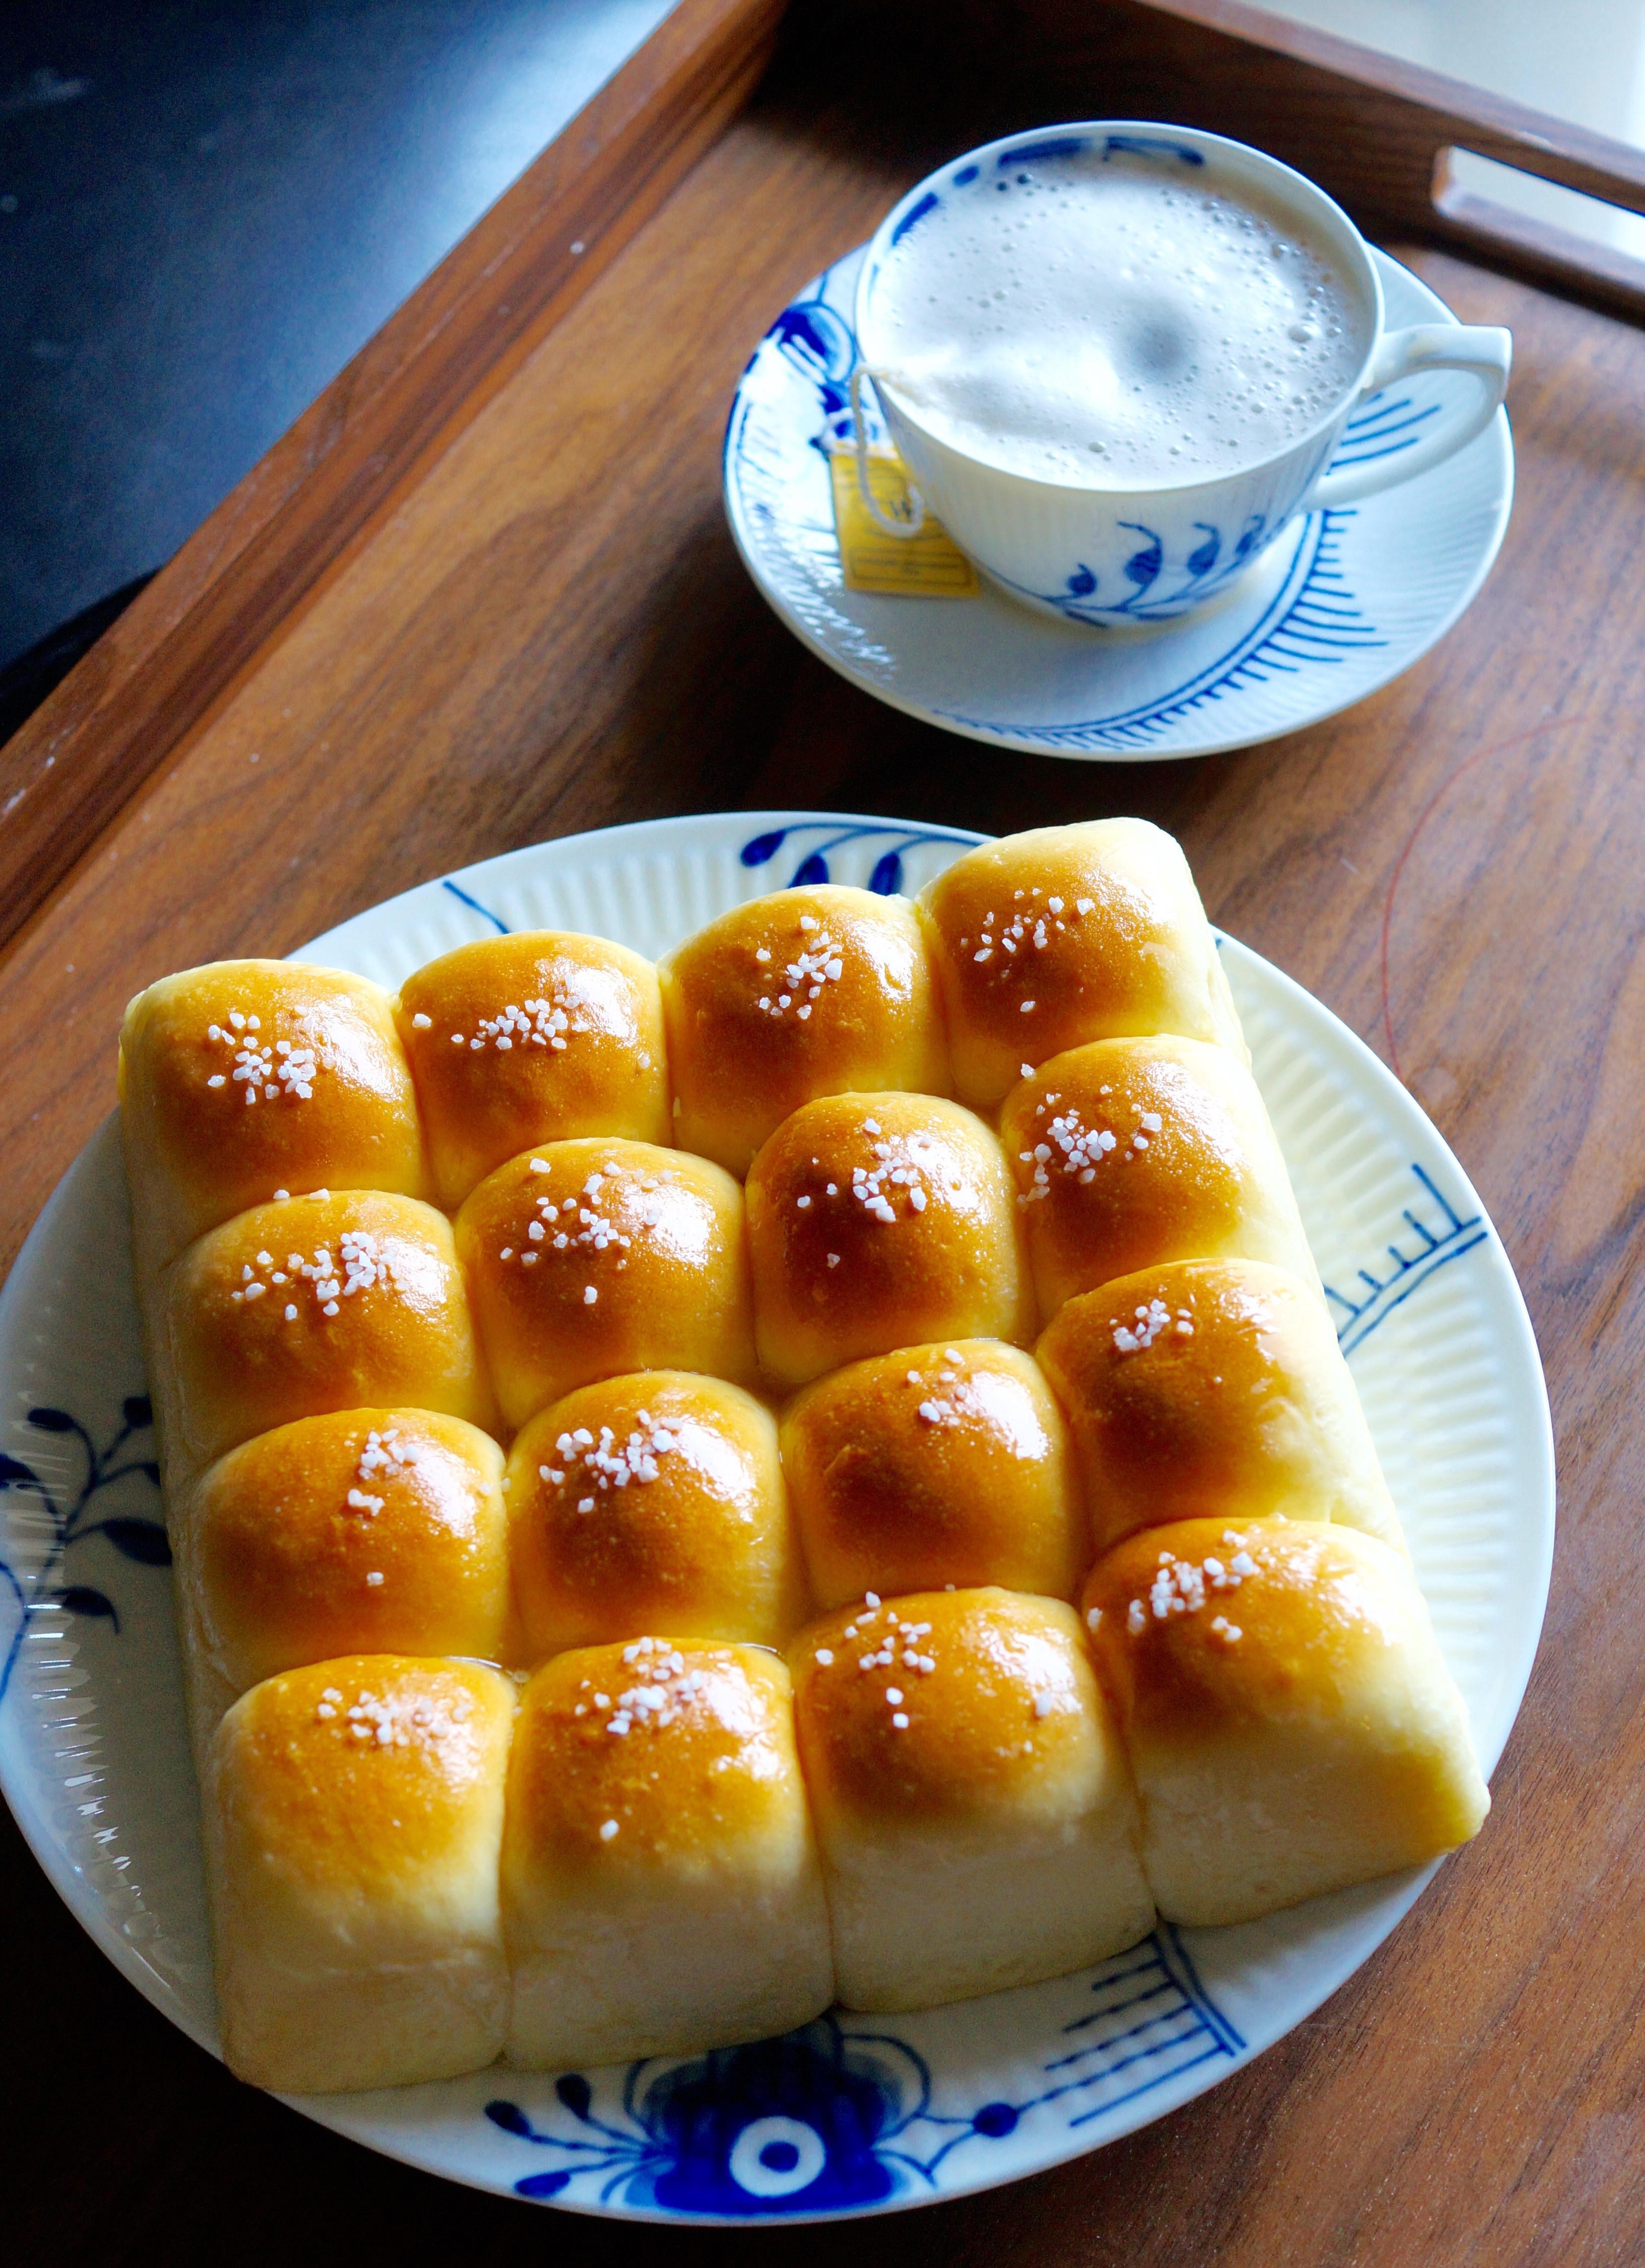 記憶裡的滋味:雞蛋牛奶小餐包